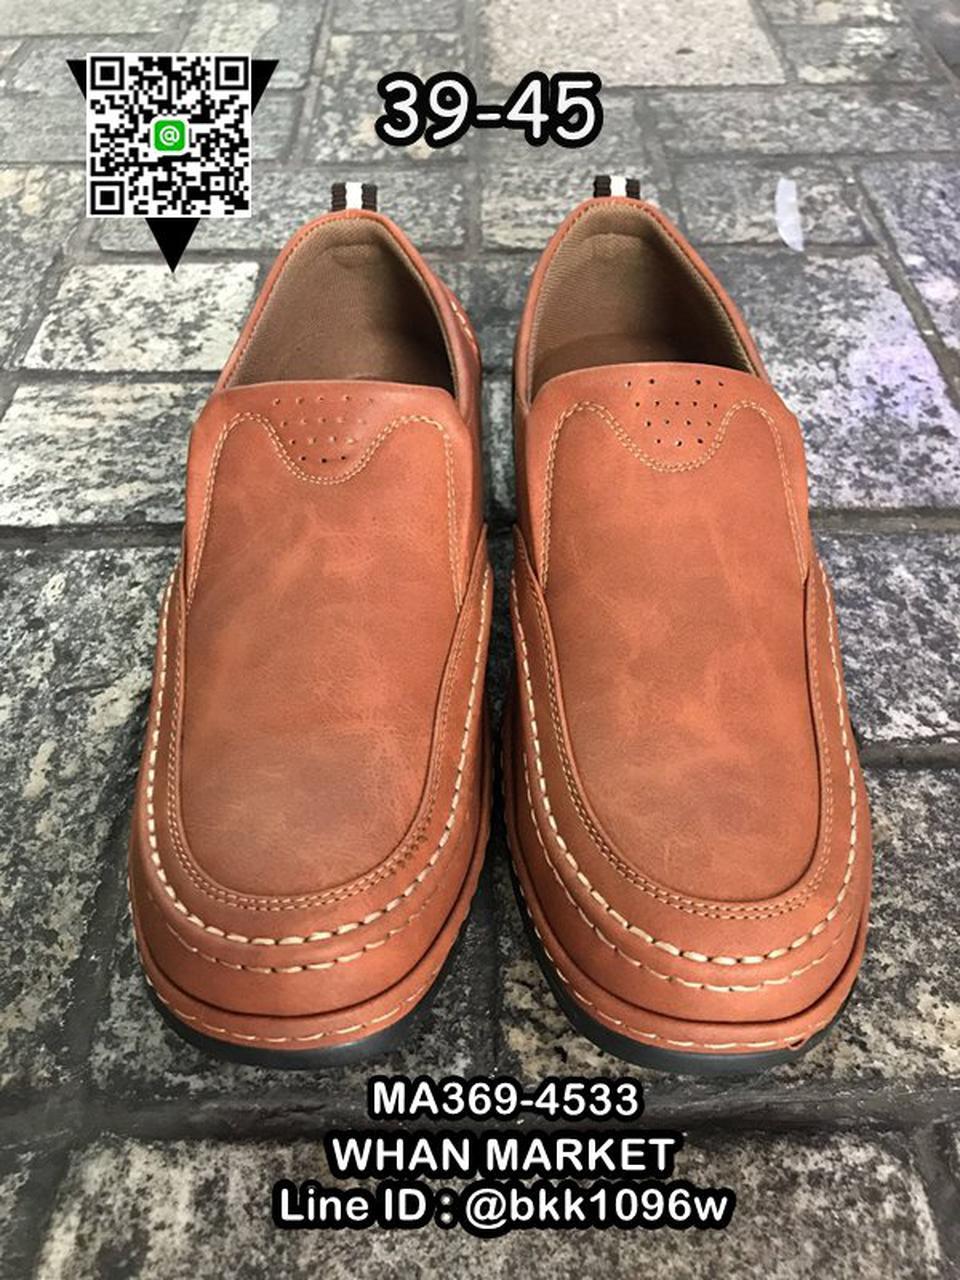 รองเท้าคัชชูหนังผู้ชาย วัสดุหนัง PU คุณภาพดี แบบสวม สวมใส่ง่ รูปที่ 6